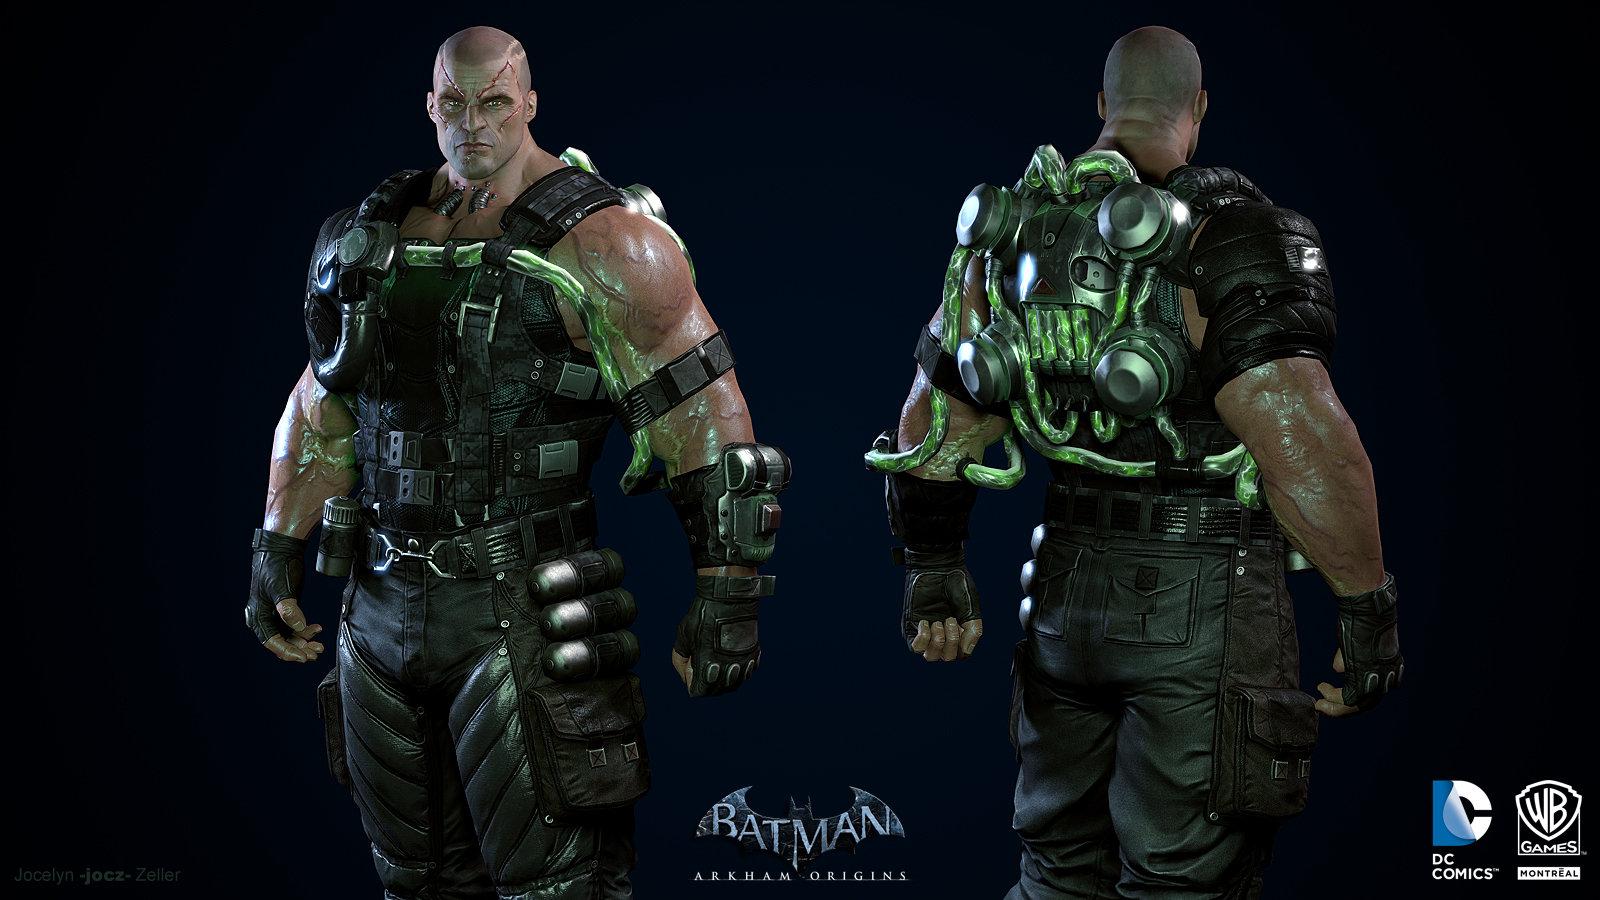 bane batman arkham origins wallpaper